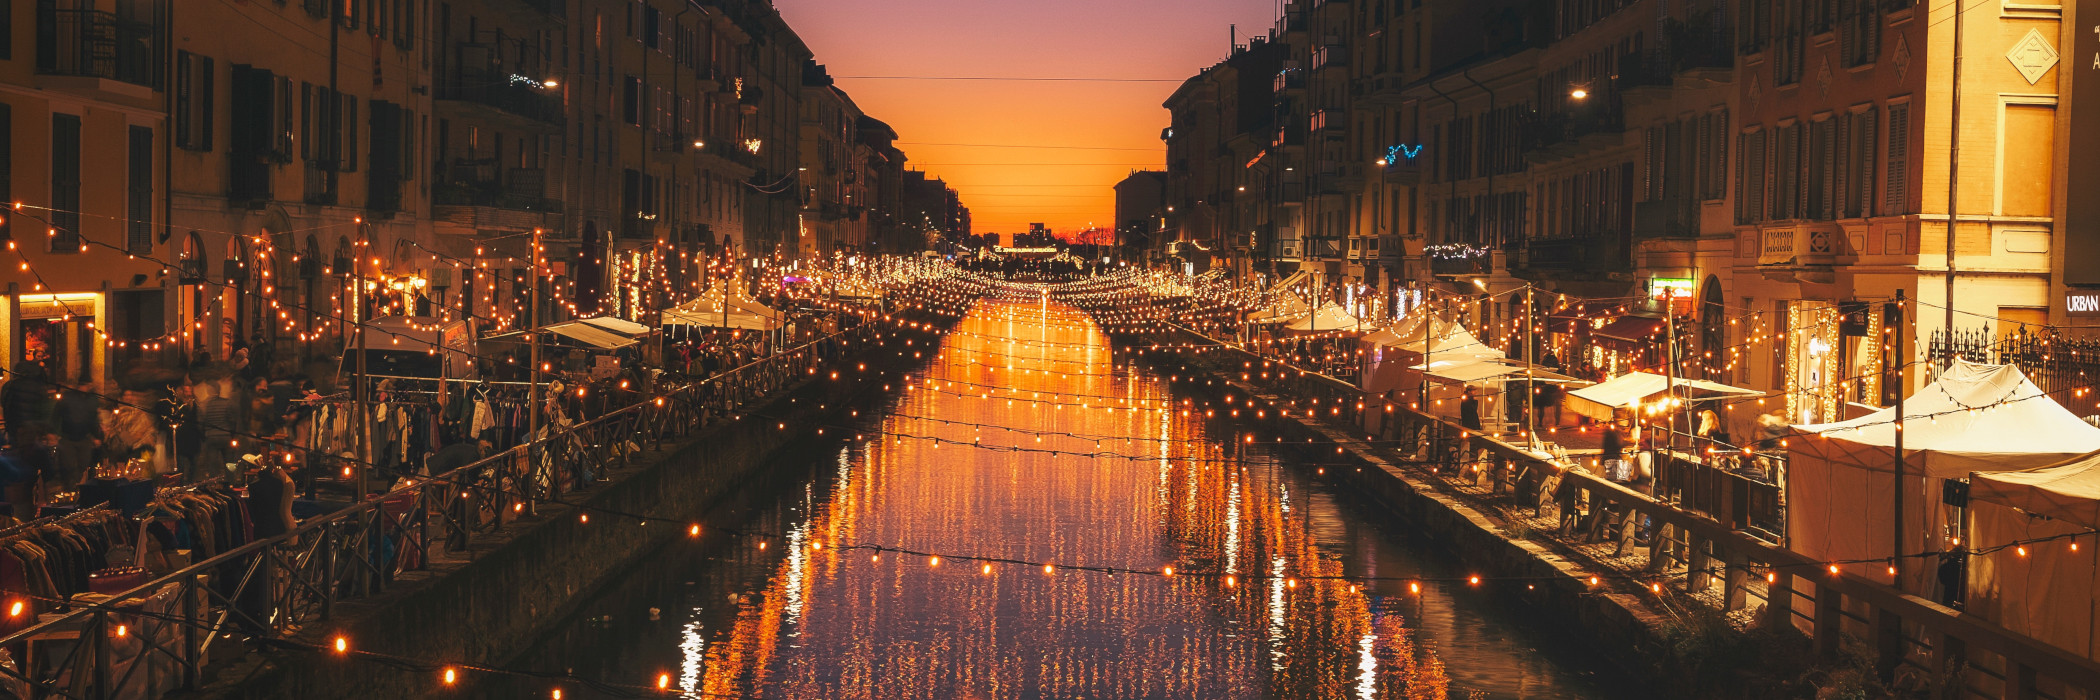 Titolo Milano 3 - alta